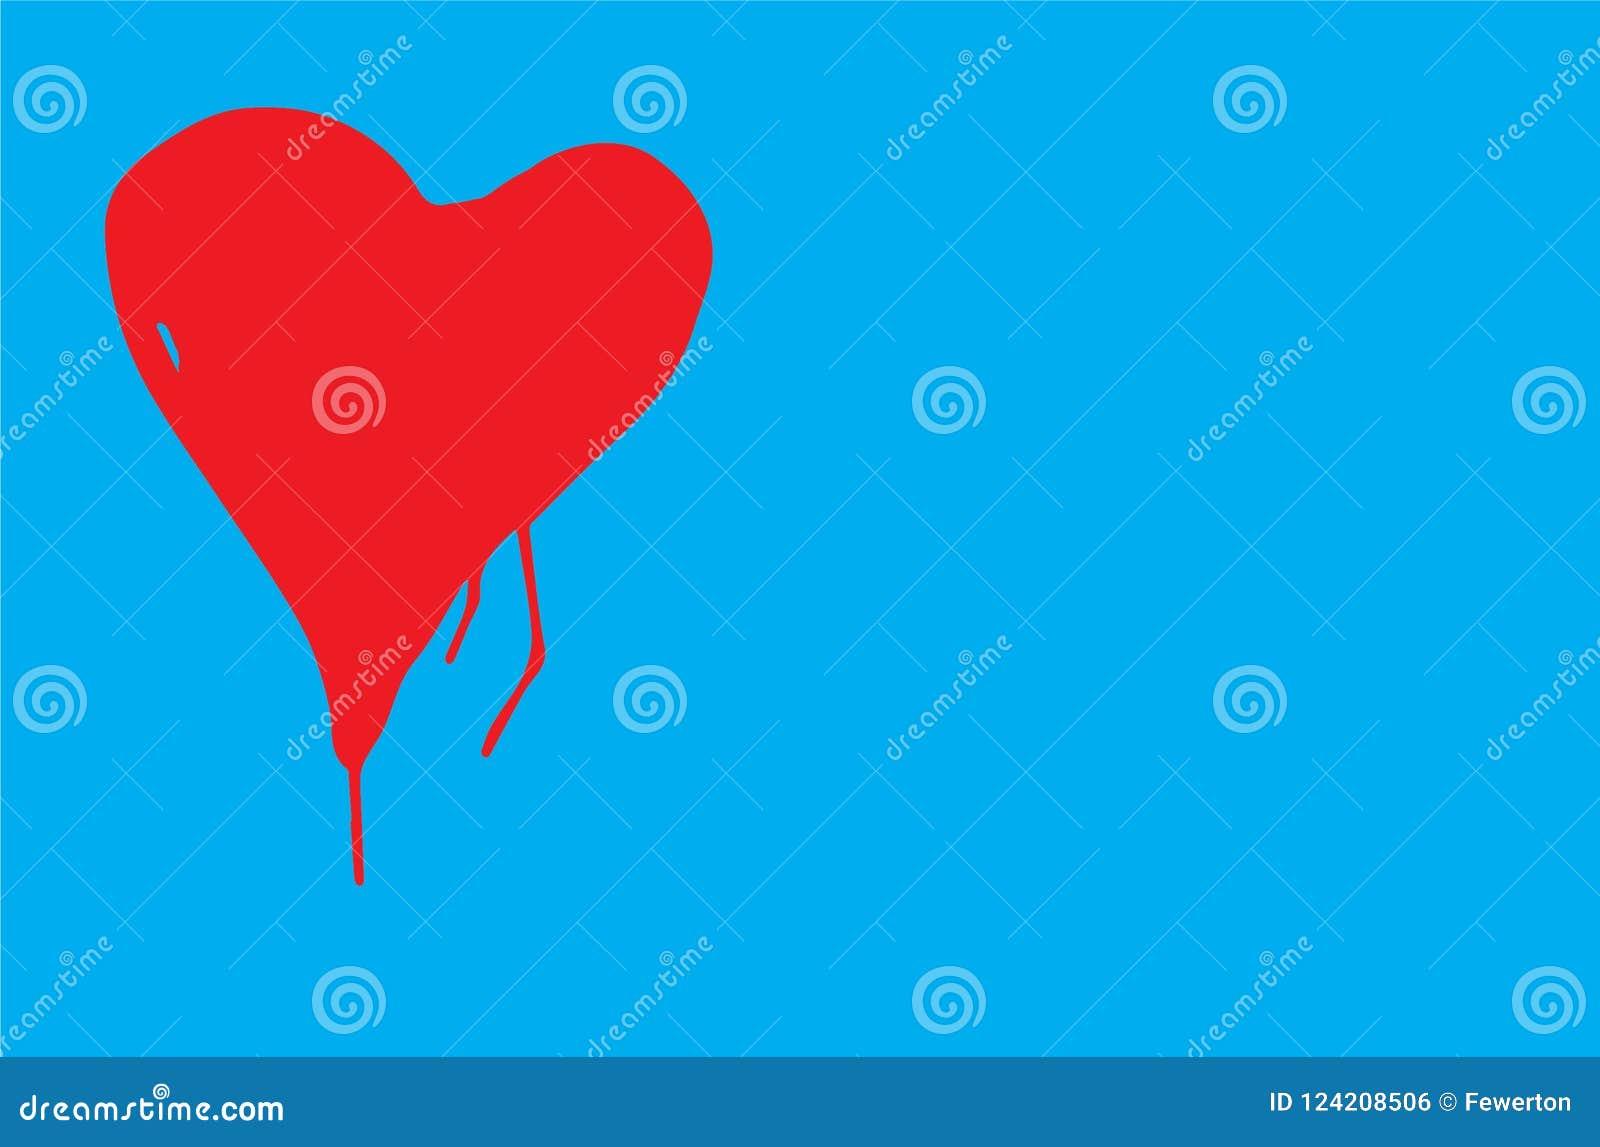 Le coeur de couleur rouge avec la forme imparfaite et la peinture s égoutte dans une illustration bleue de vecteur de fond